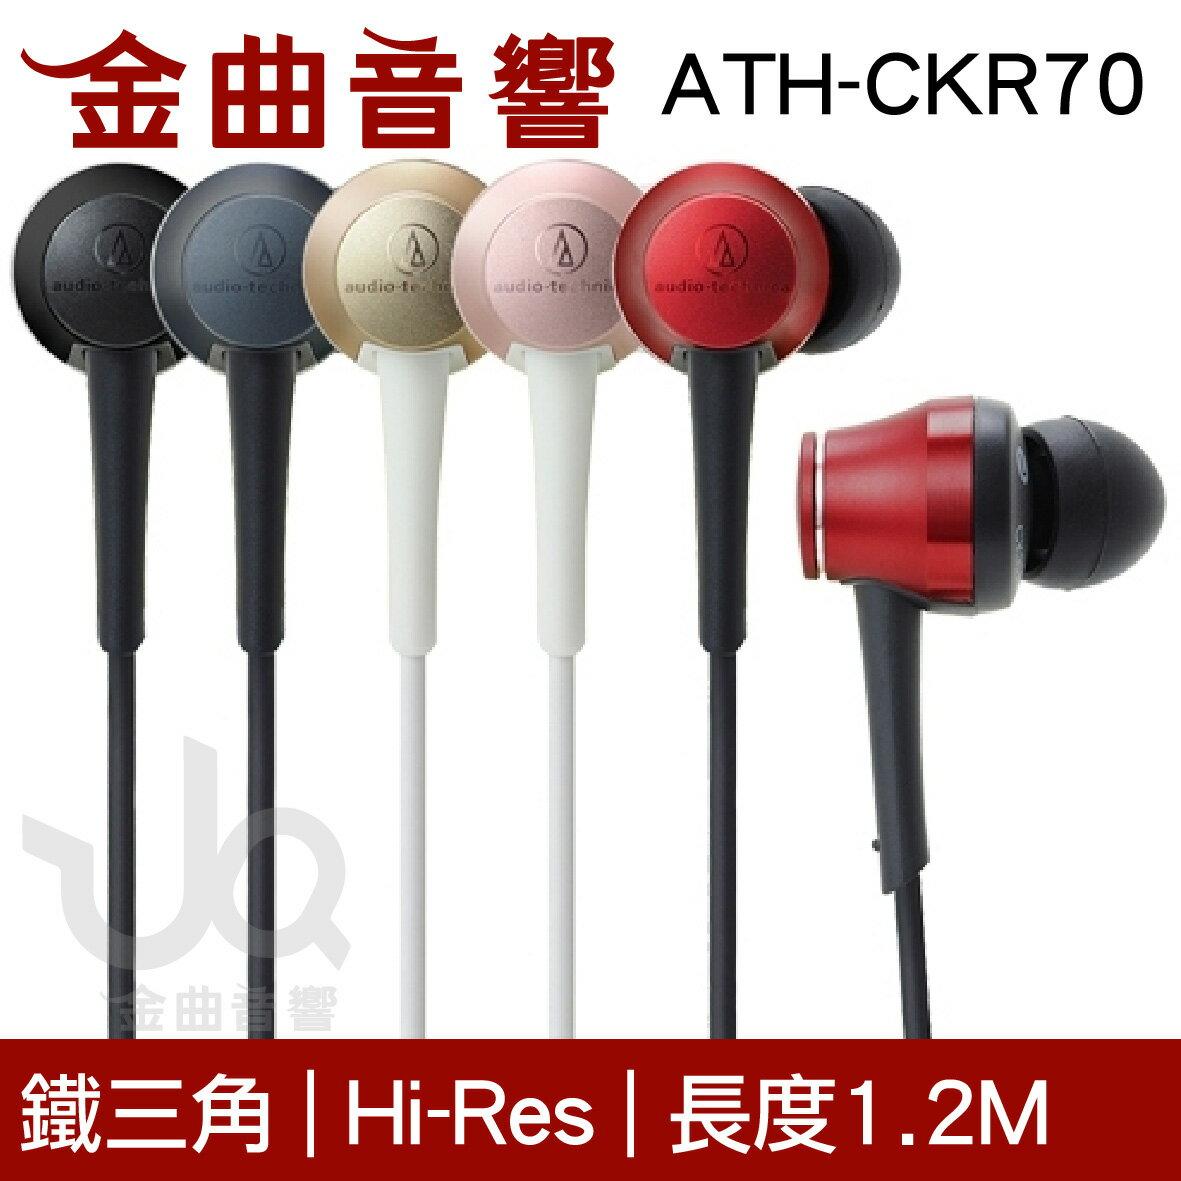 鐵三角 ATH-CKR70 香檳金 耳道式耳機 | 金曲音響